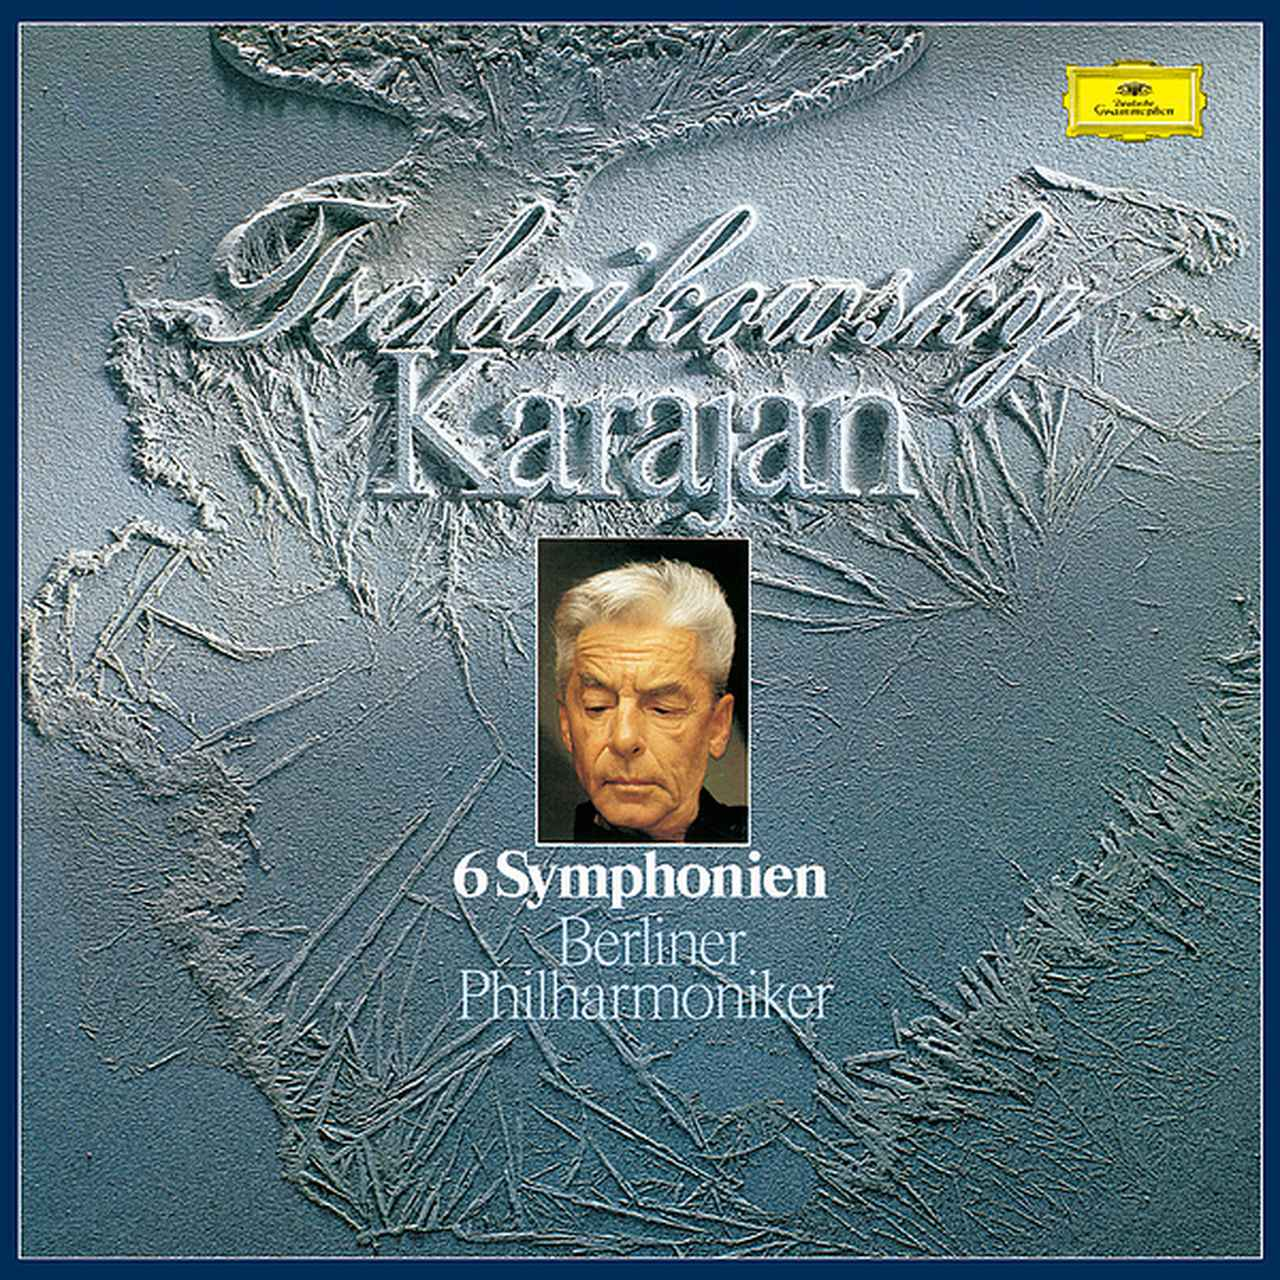 画像: チャイコフスキー:交響曲全集/ベルリン・フィルハーモニー管弦楽団, ヘルベルト・フォン・カラヤン